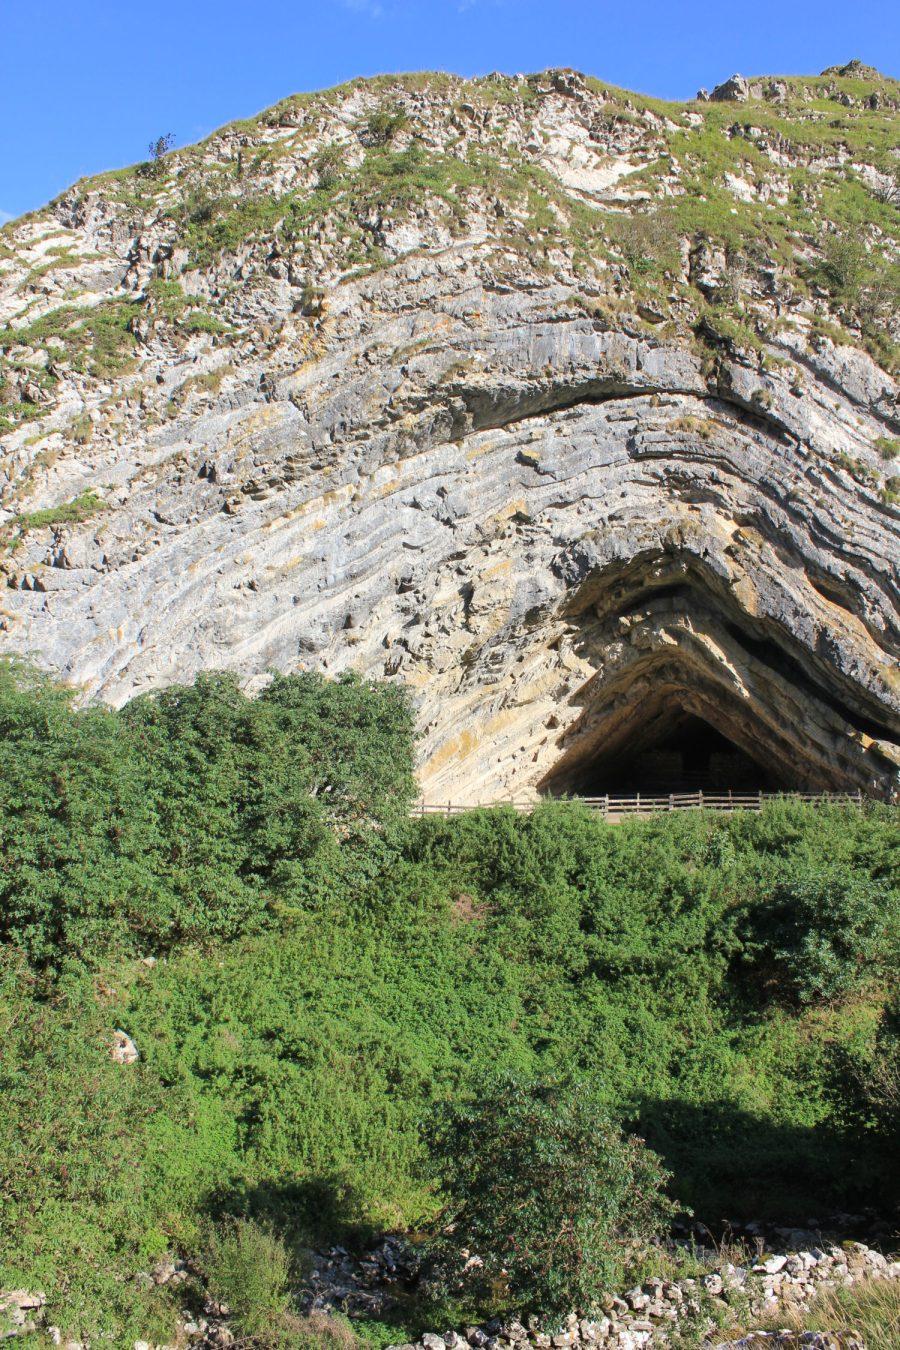 Grotte d'Harpea, Pays basque - Ur eta Lur, Canyoning et Randonnée